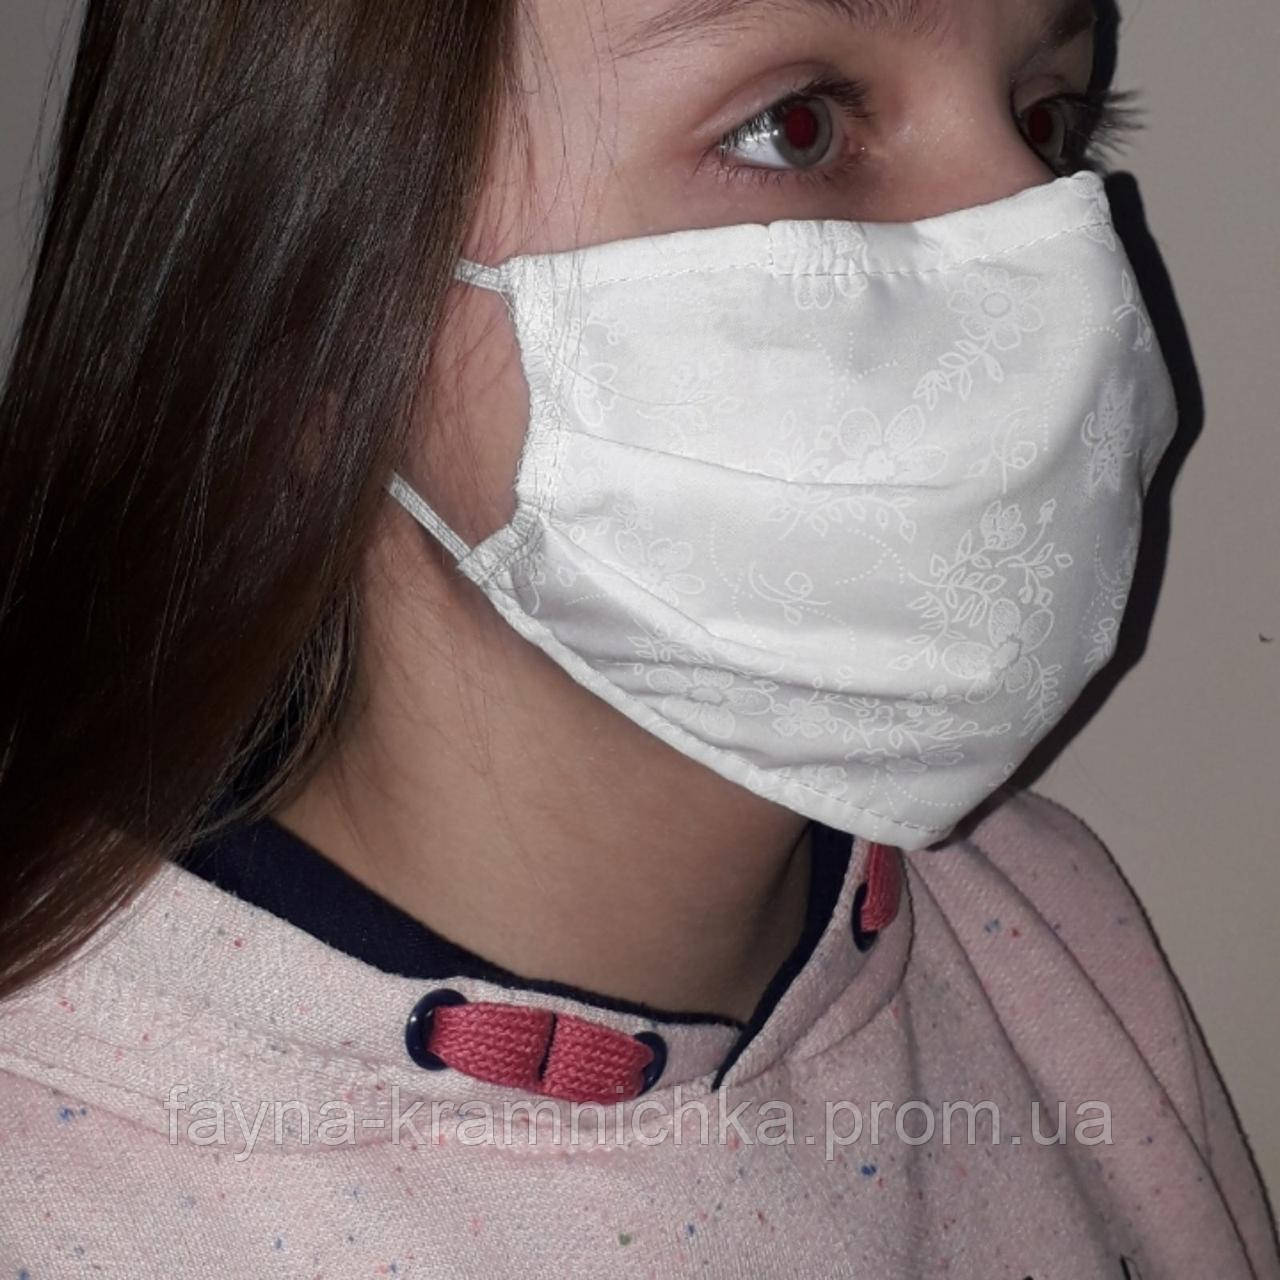 Маска тканевая / маска на лицо из ткани / респиратор / маска хлопковая / маска біла / маска белая